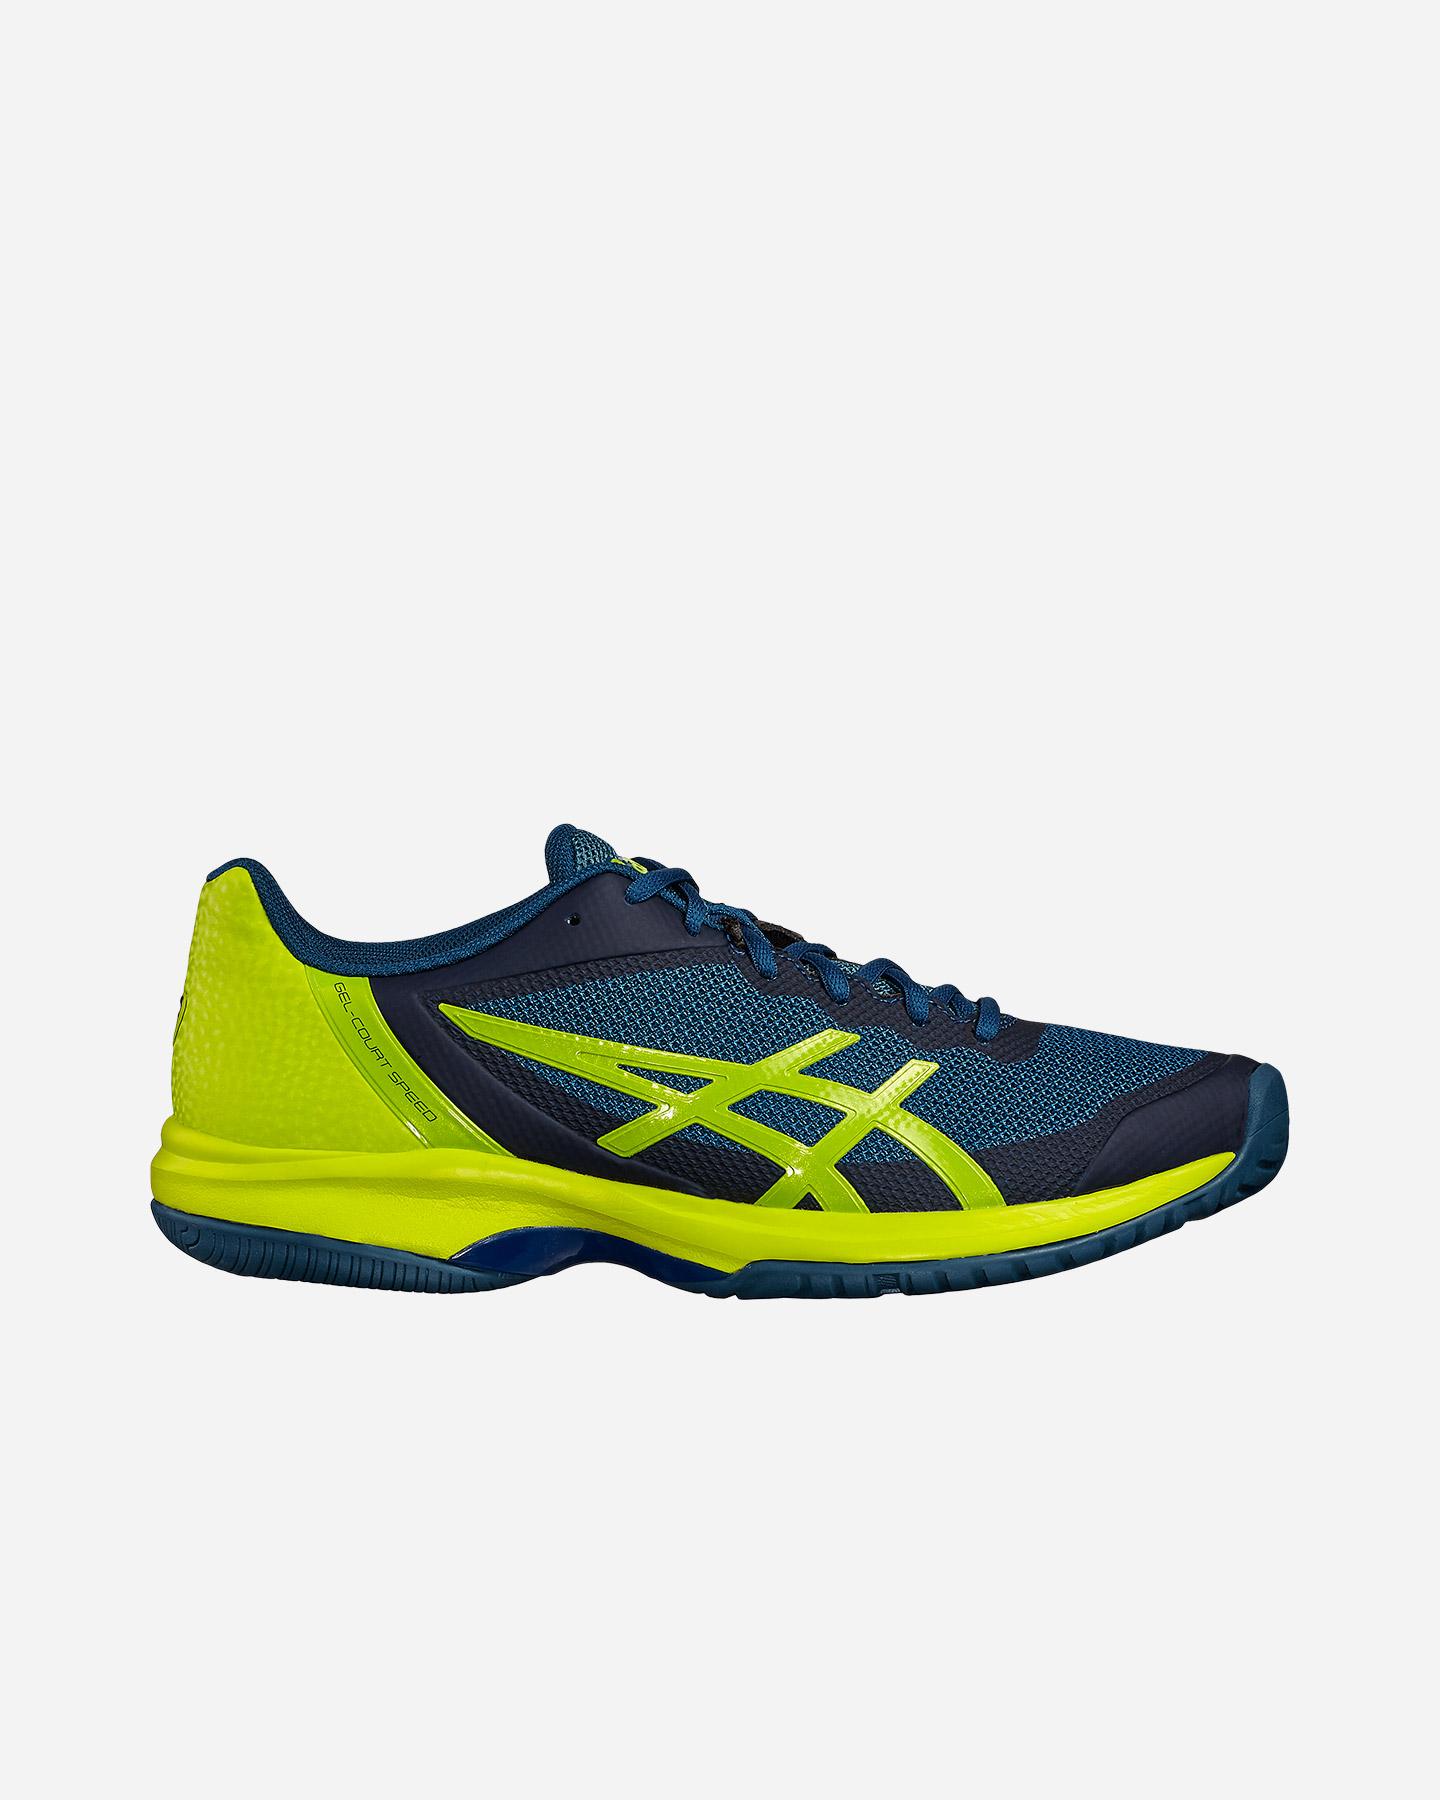 Su Cisalfa Sport Gel Tennis 4589 E800n Court Scarpe M Speed Asics 7PF8SxOw